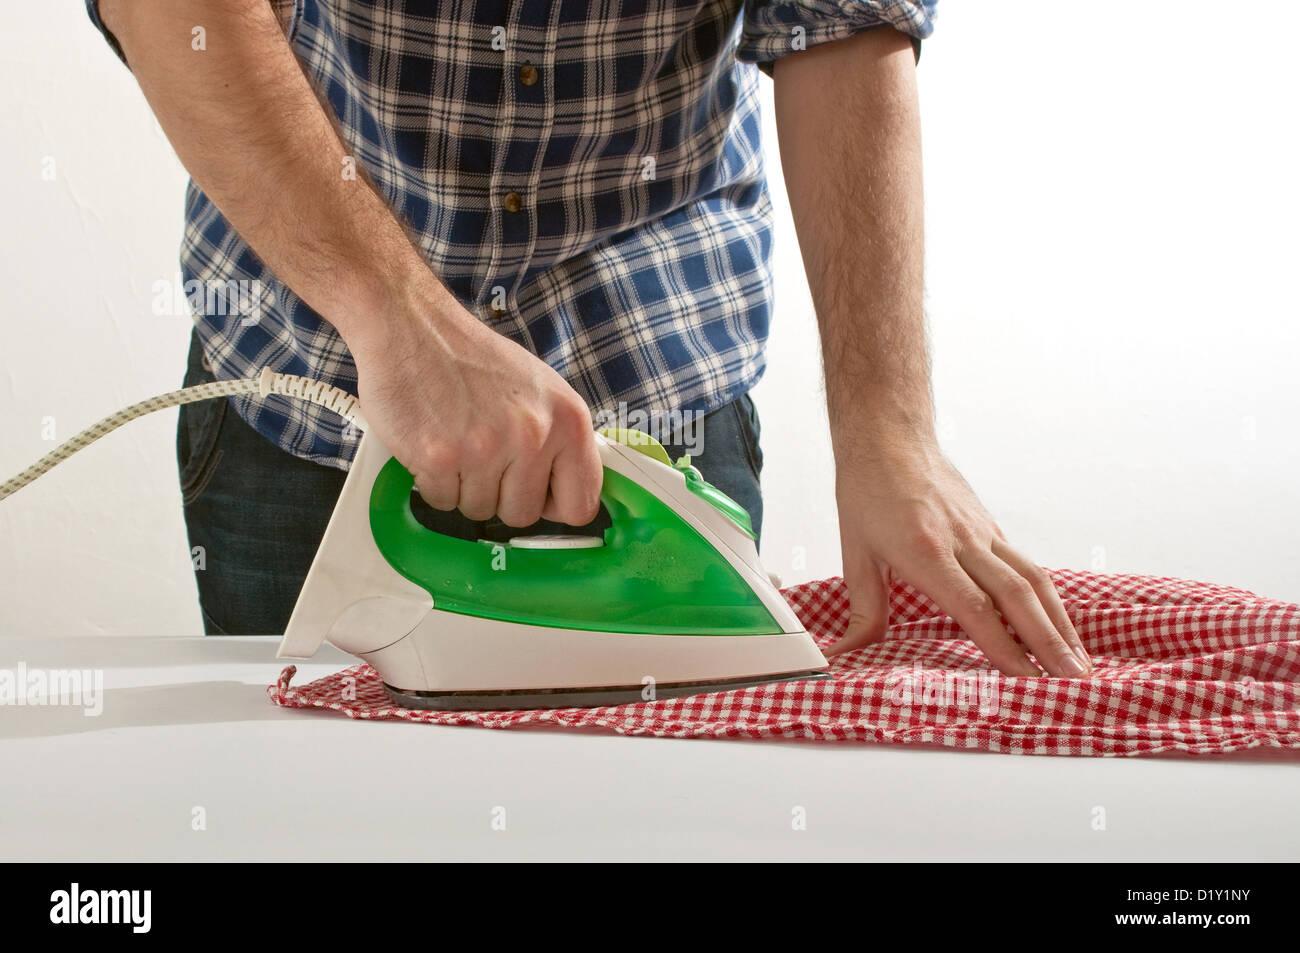 Mann eine rot-weiß karierte Tischdecke Bügeln Stockbild